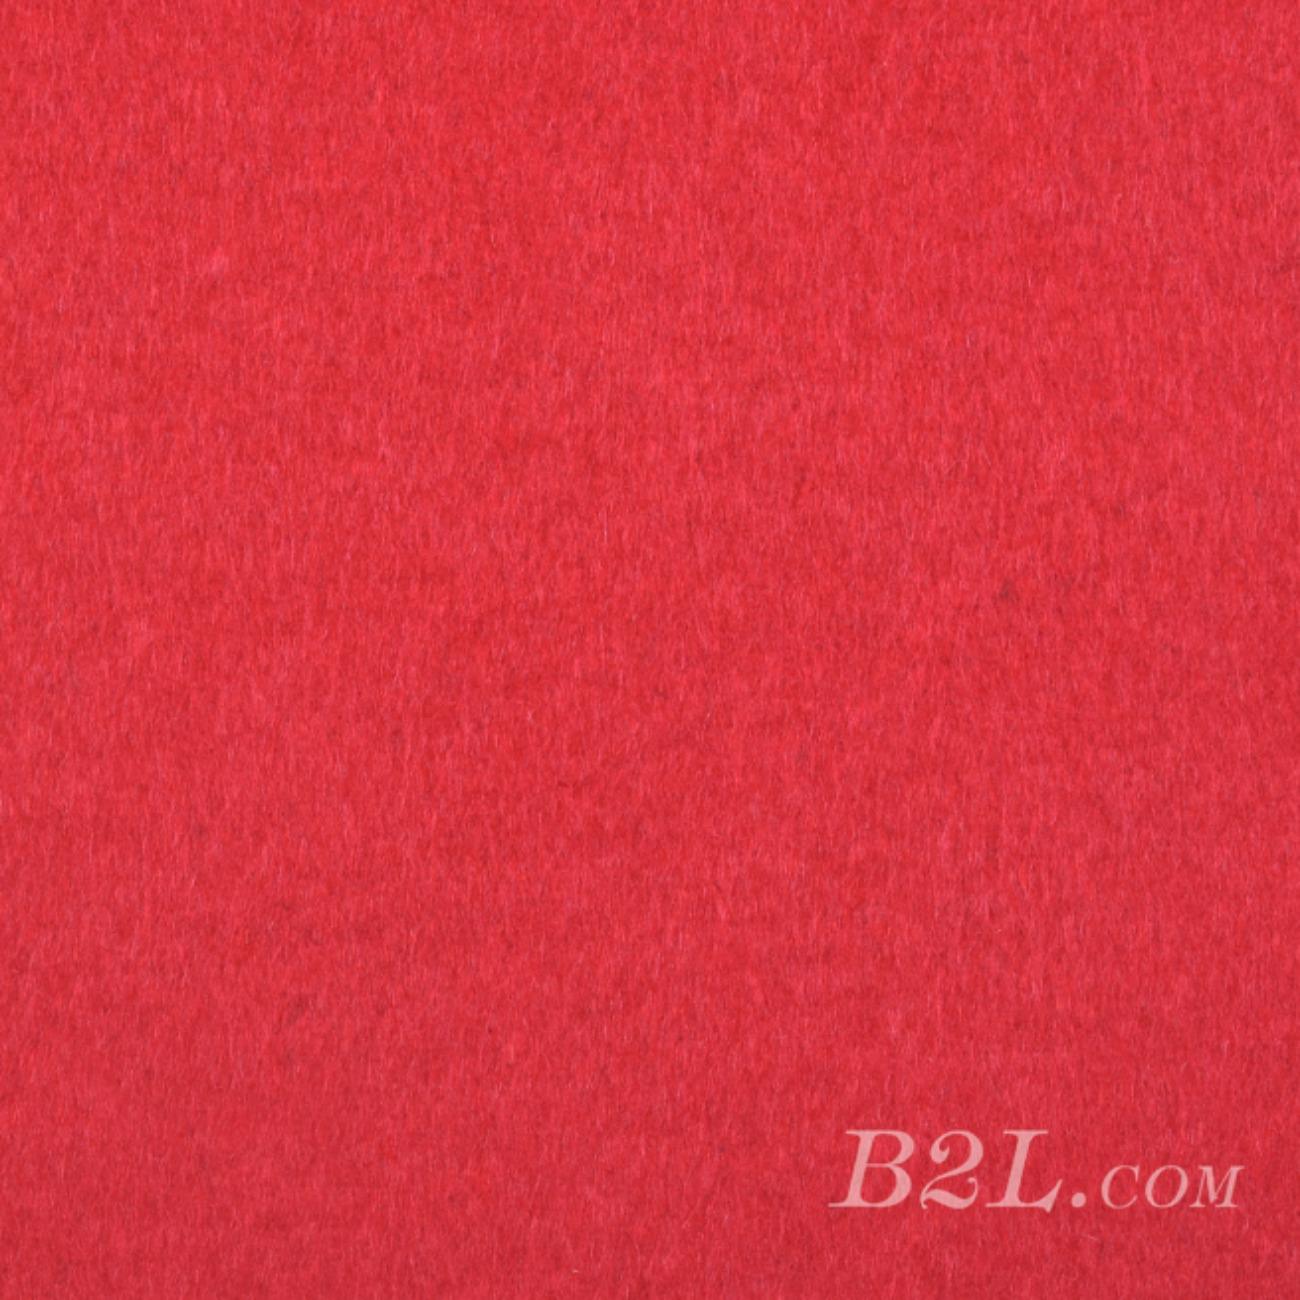 毛紡 梭織 染色 絨感 秋冬 大衣 外套 90921-22